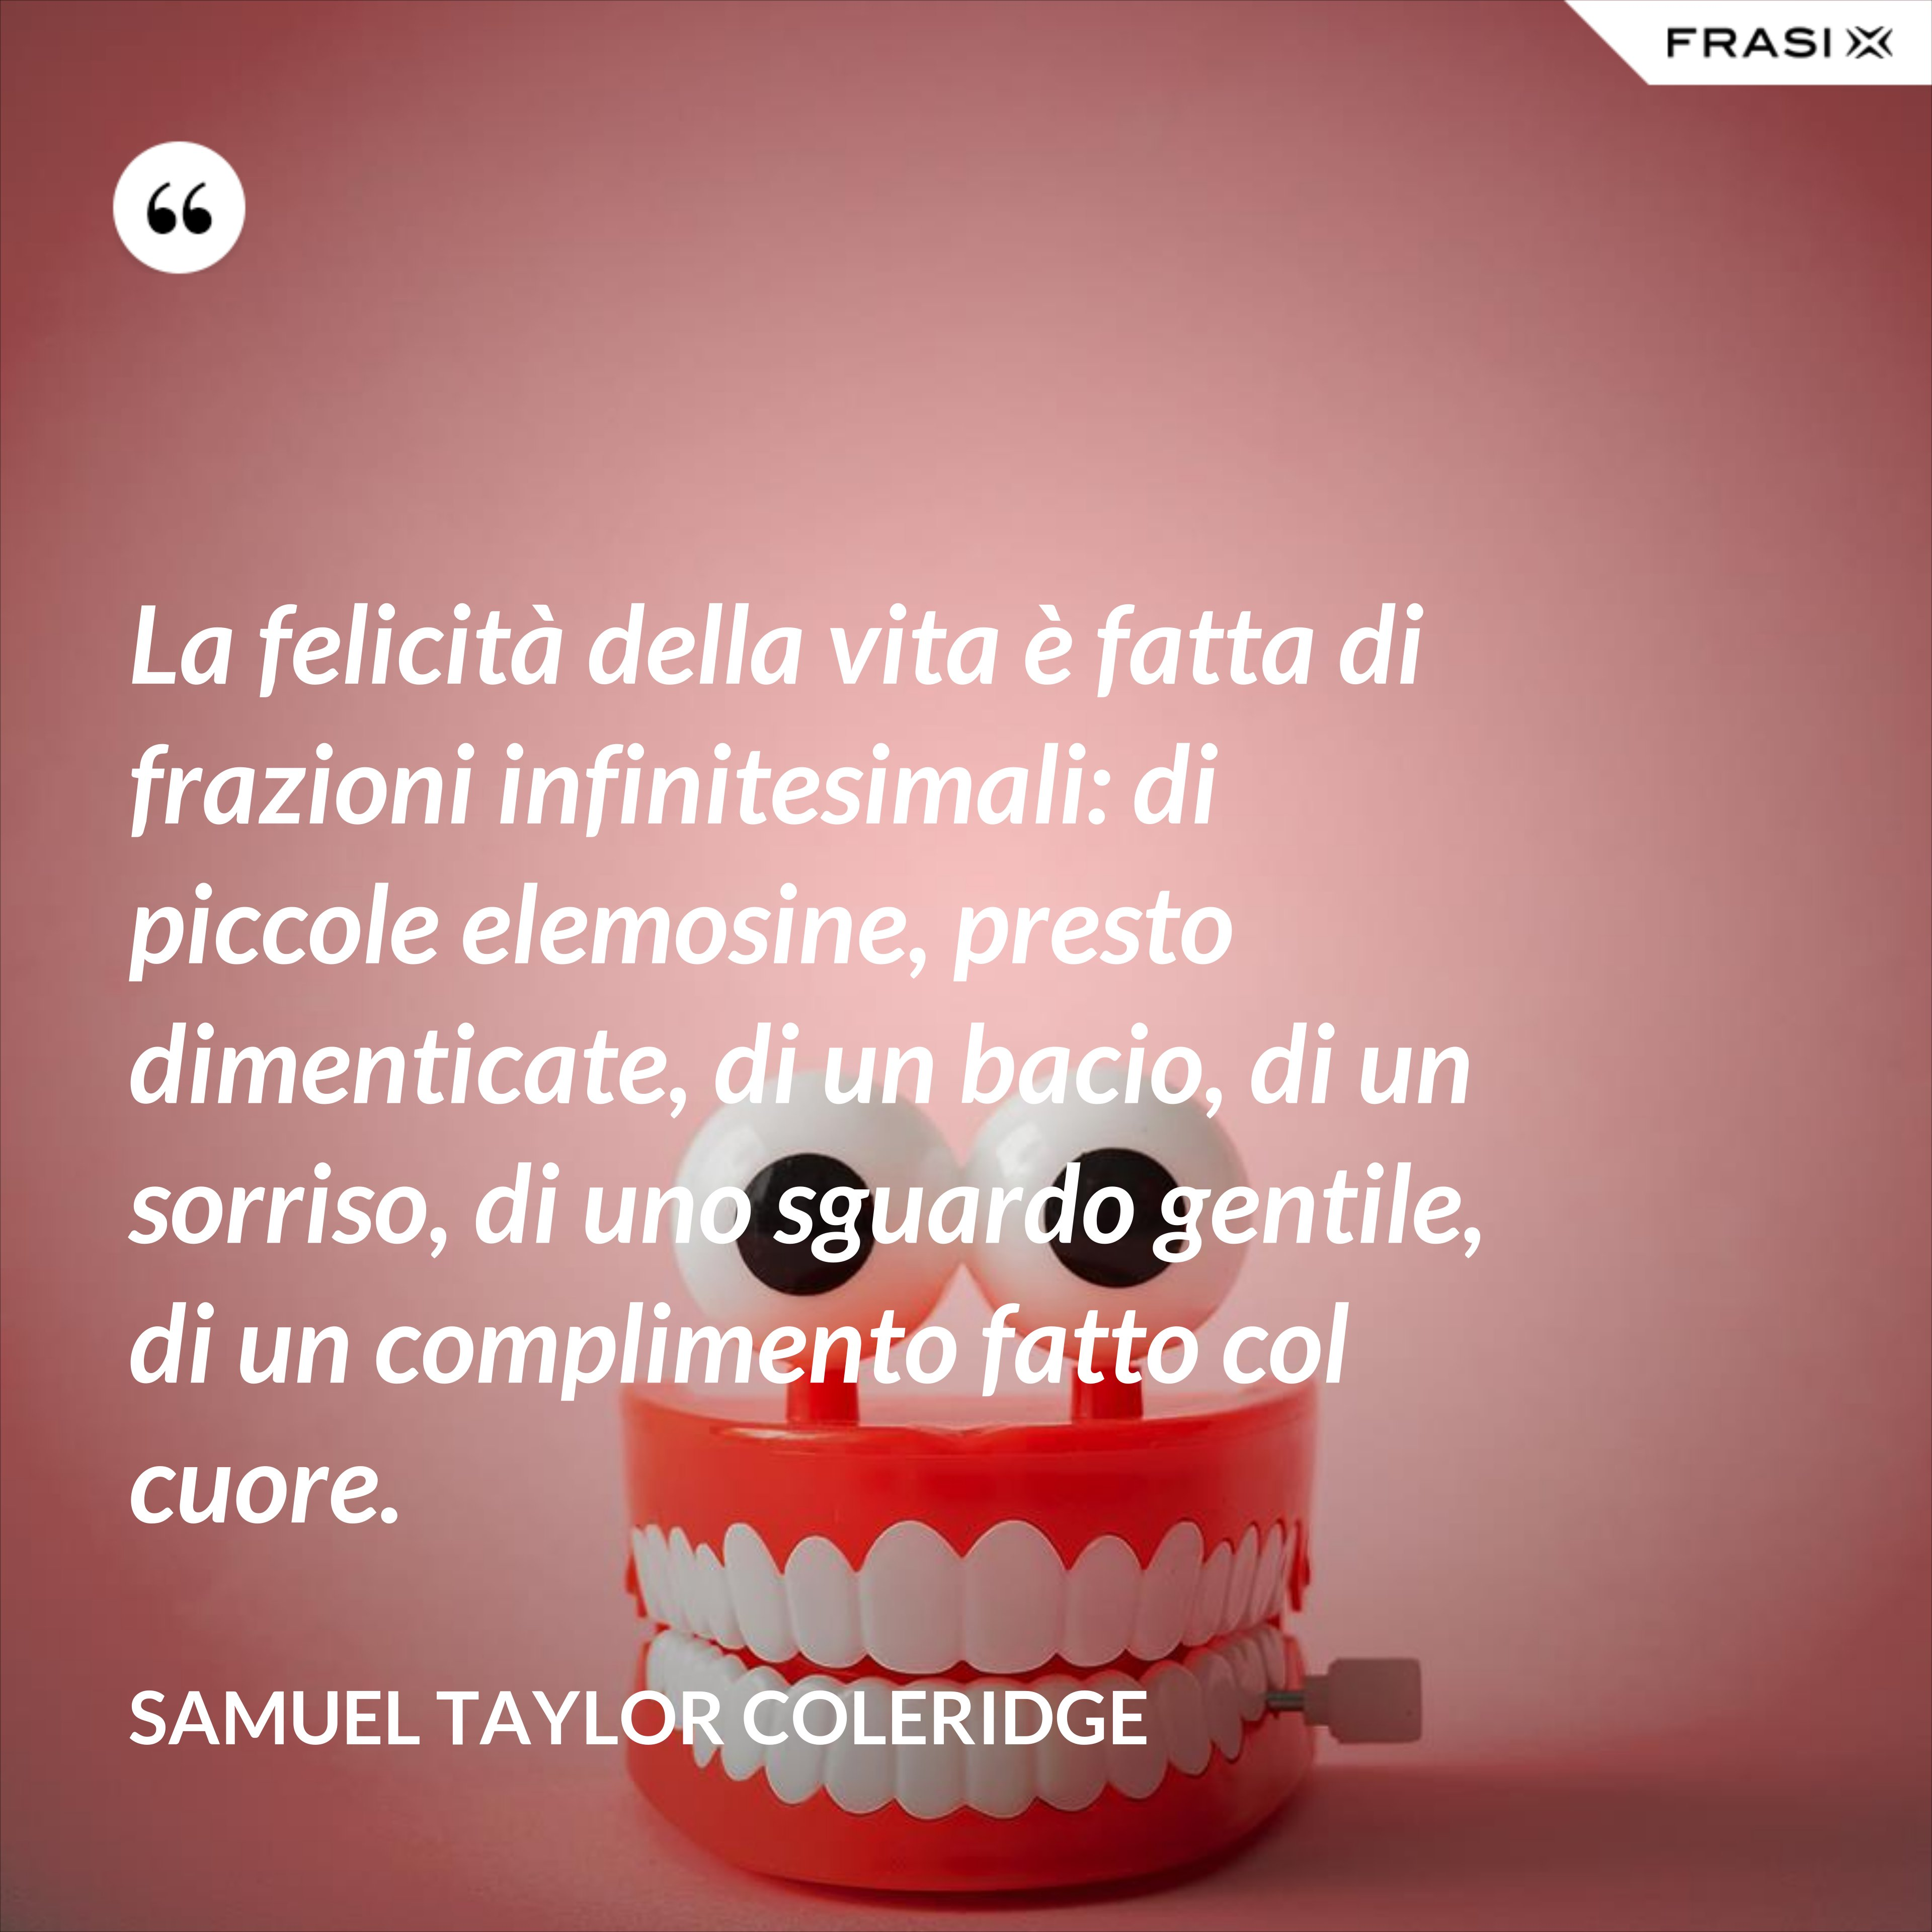 La felicità della vita è fatta di frazioni infinitesimali: di piccole elemosine, presto dimenticate, di un bacio, di un sorriso, di uno sguardo gentile, di un complimento fatto col cuore. - Samuel Taylor Coleridge